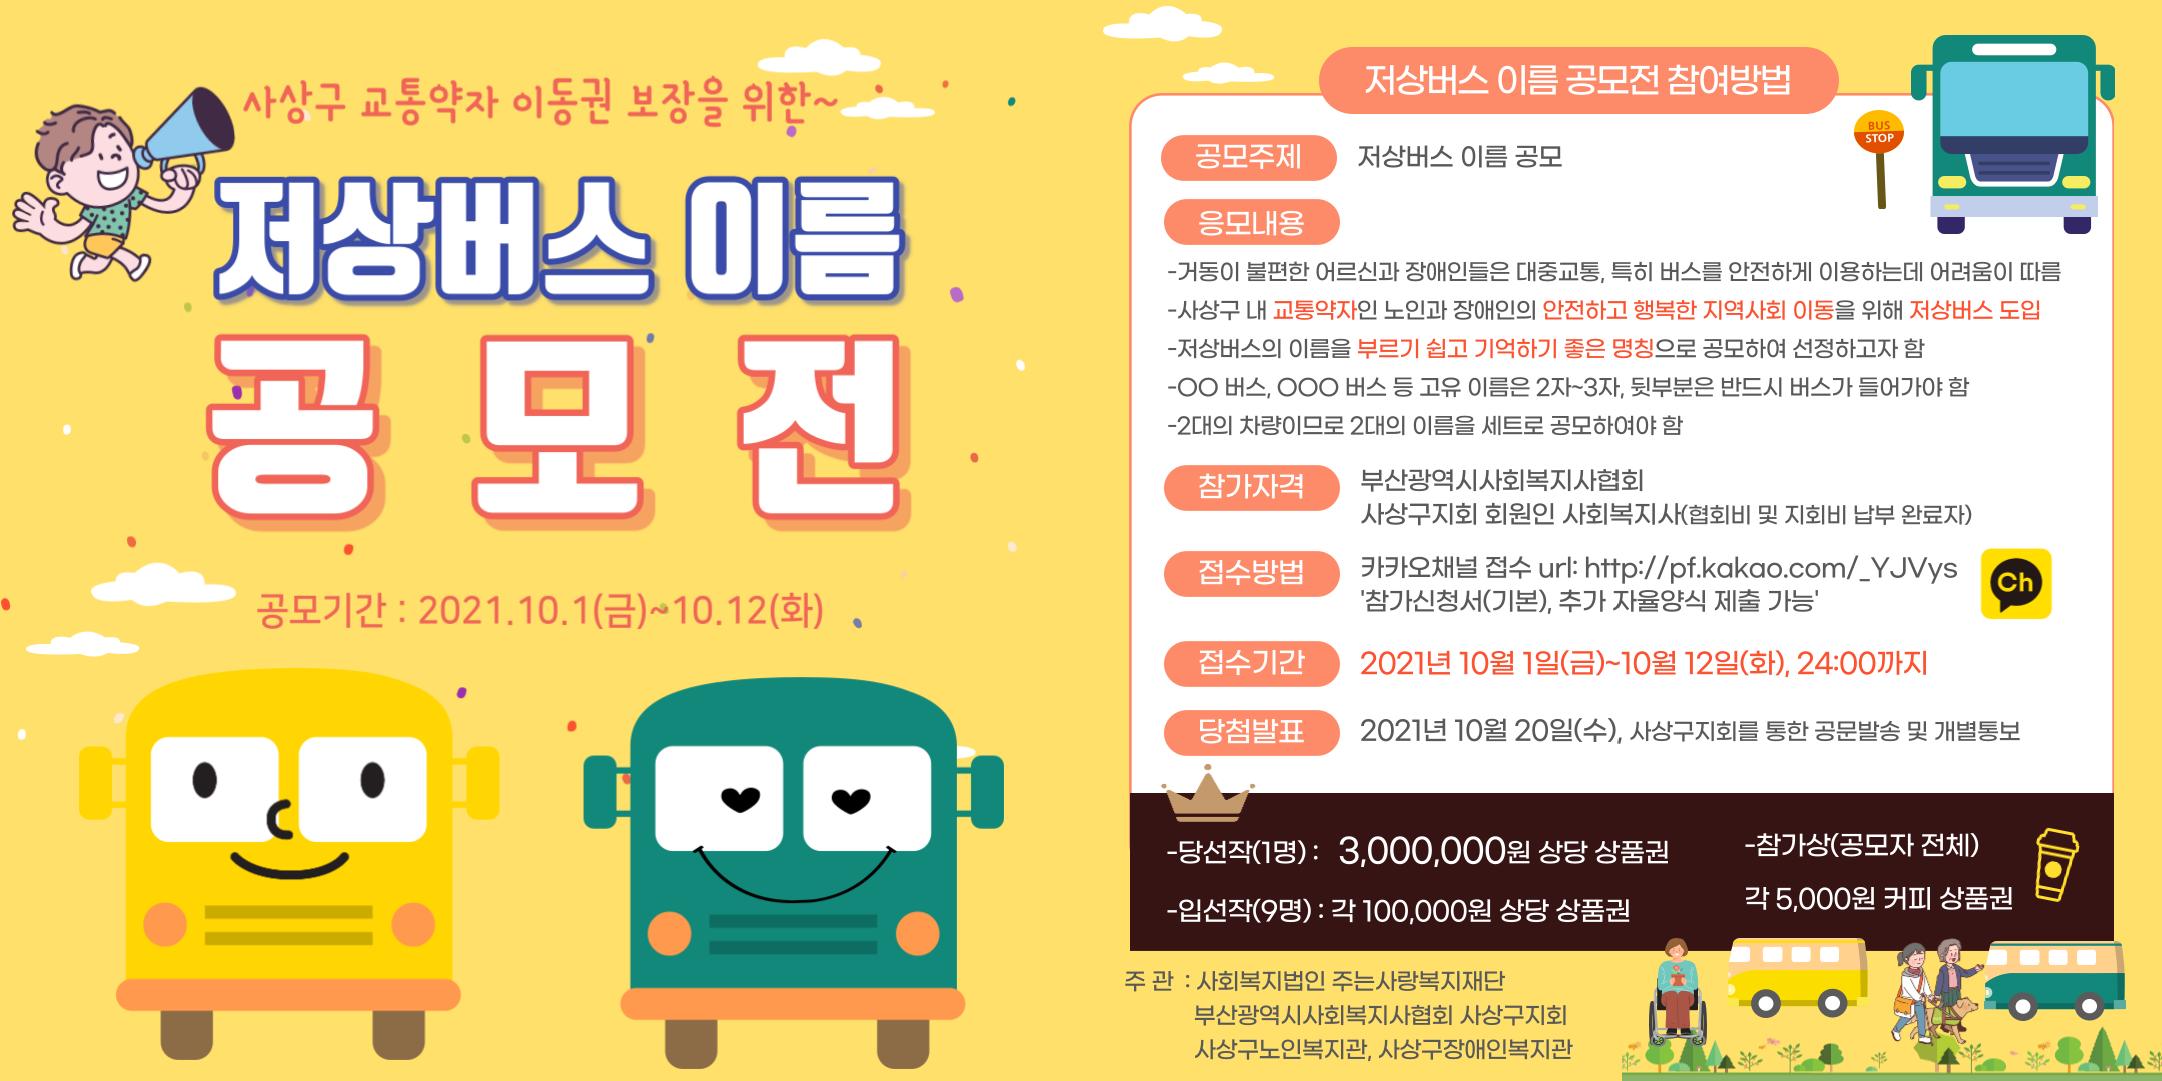 저상버스 이름 공모전 포스터.png